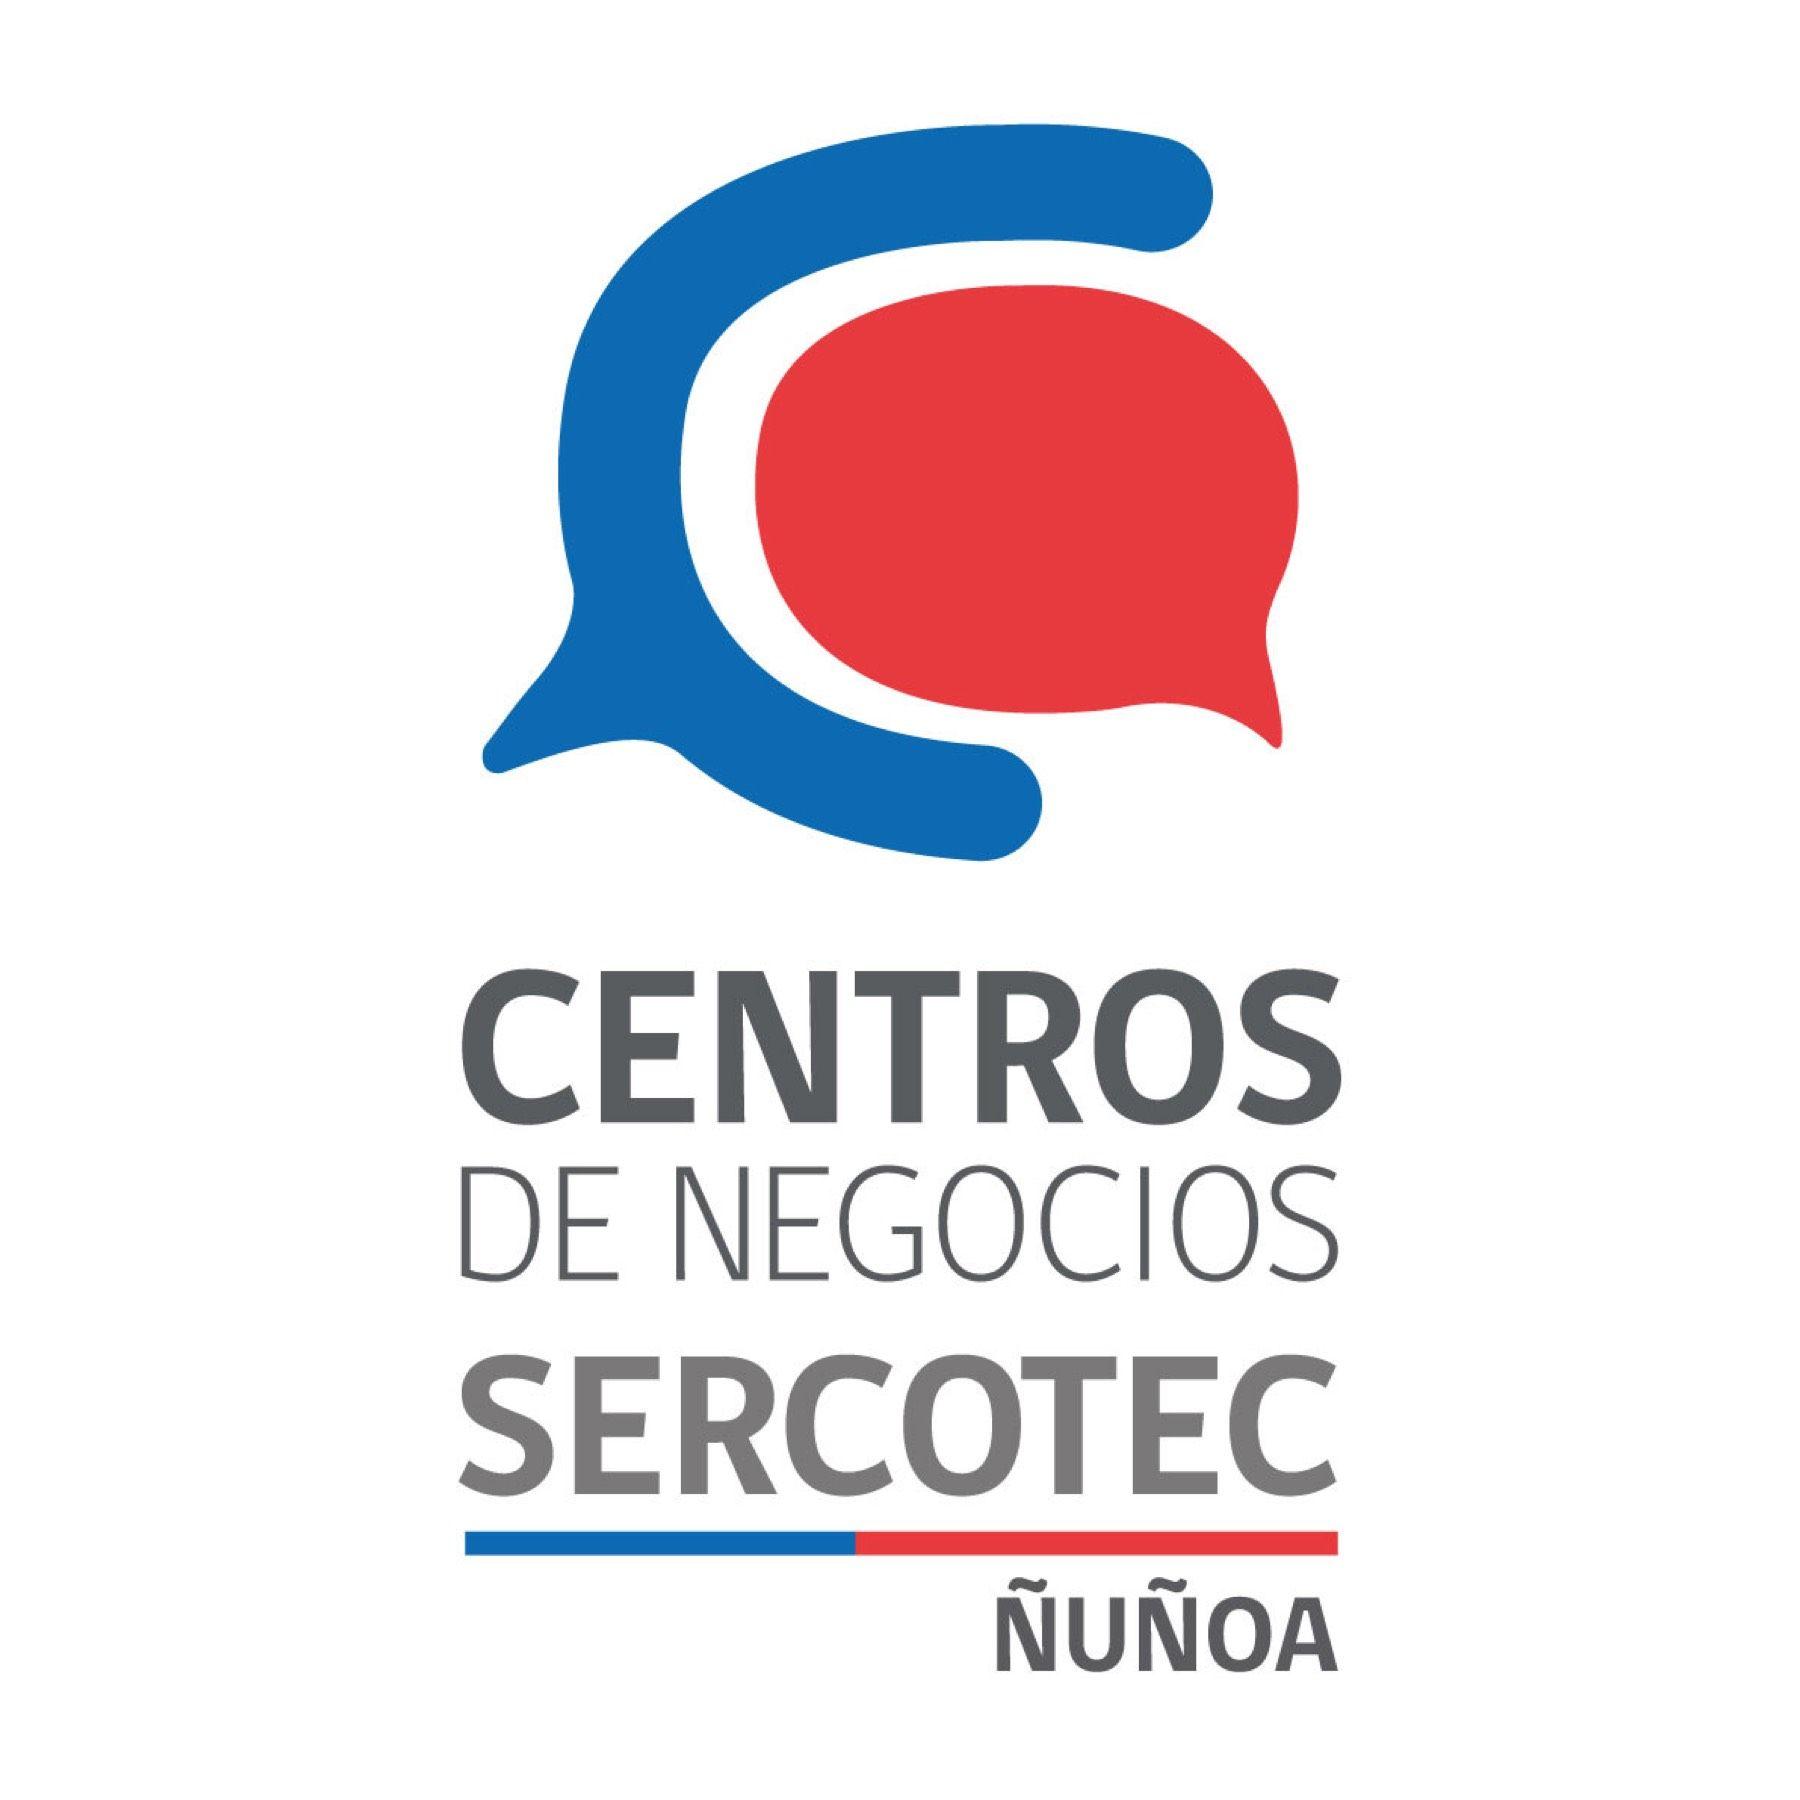 Sercotec Ñuñoa